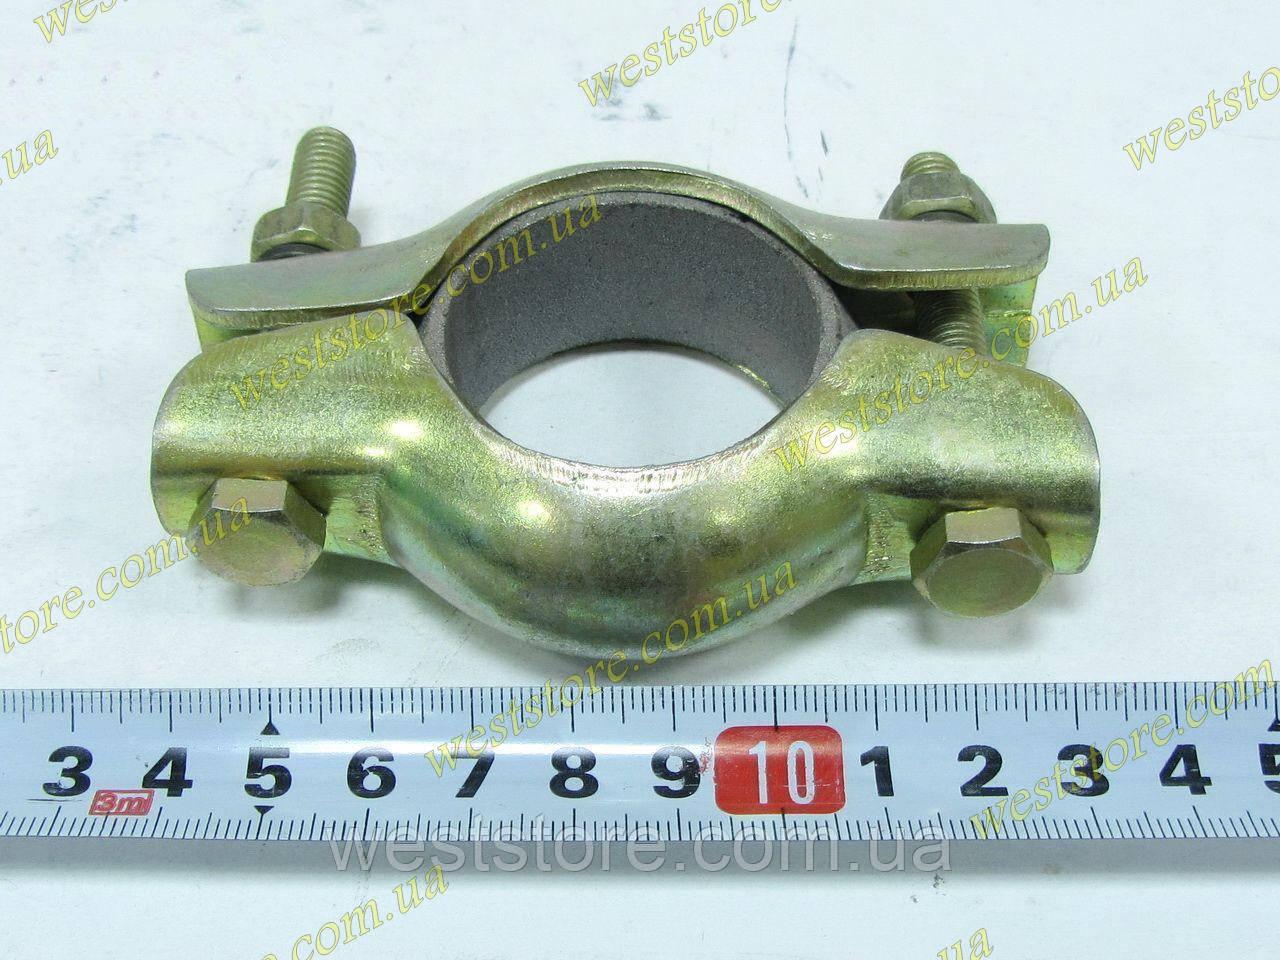 Хомут соединения глушителя с кольцом ваз 2108 2109 21099